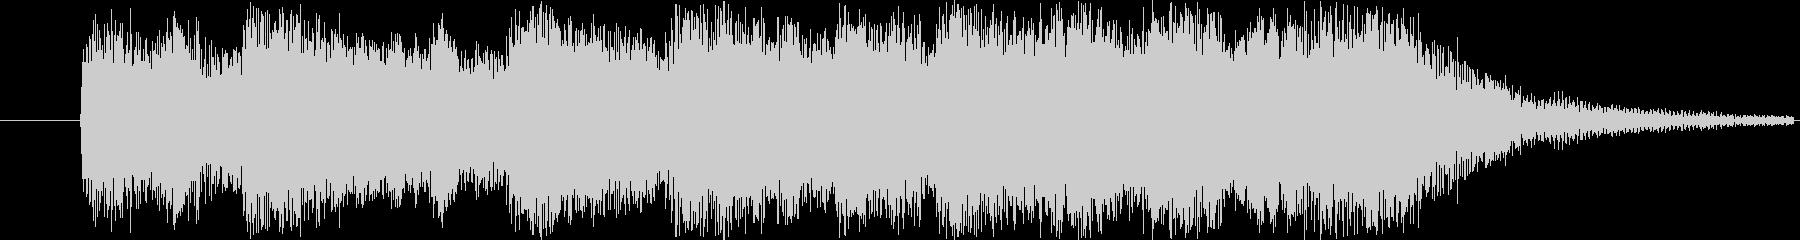 オーケストラのジングルです。の未再生の波形